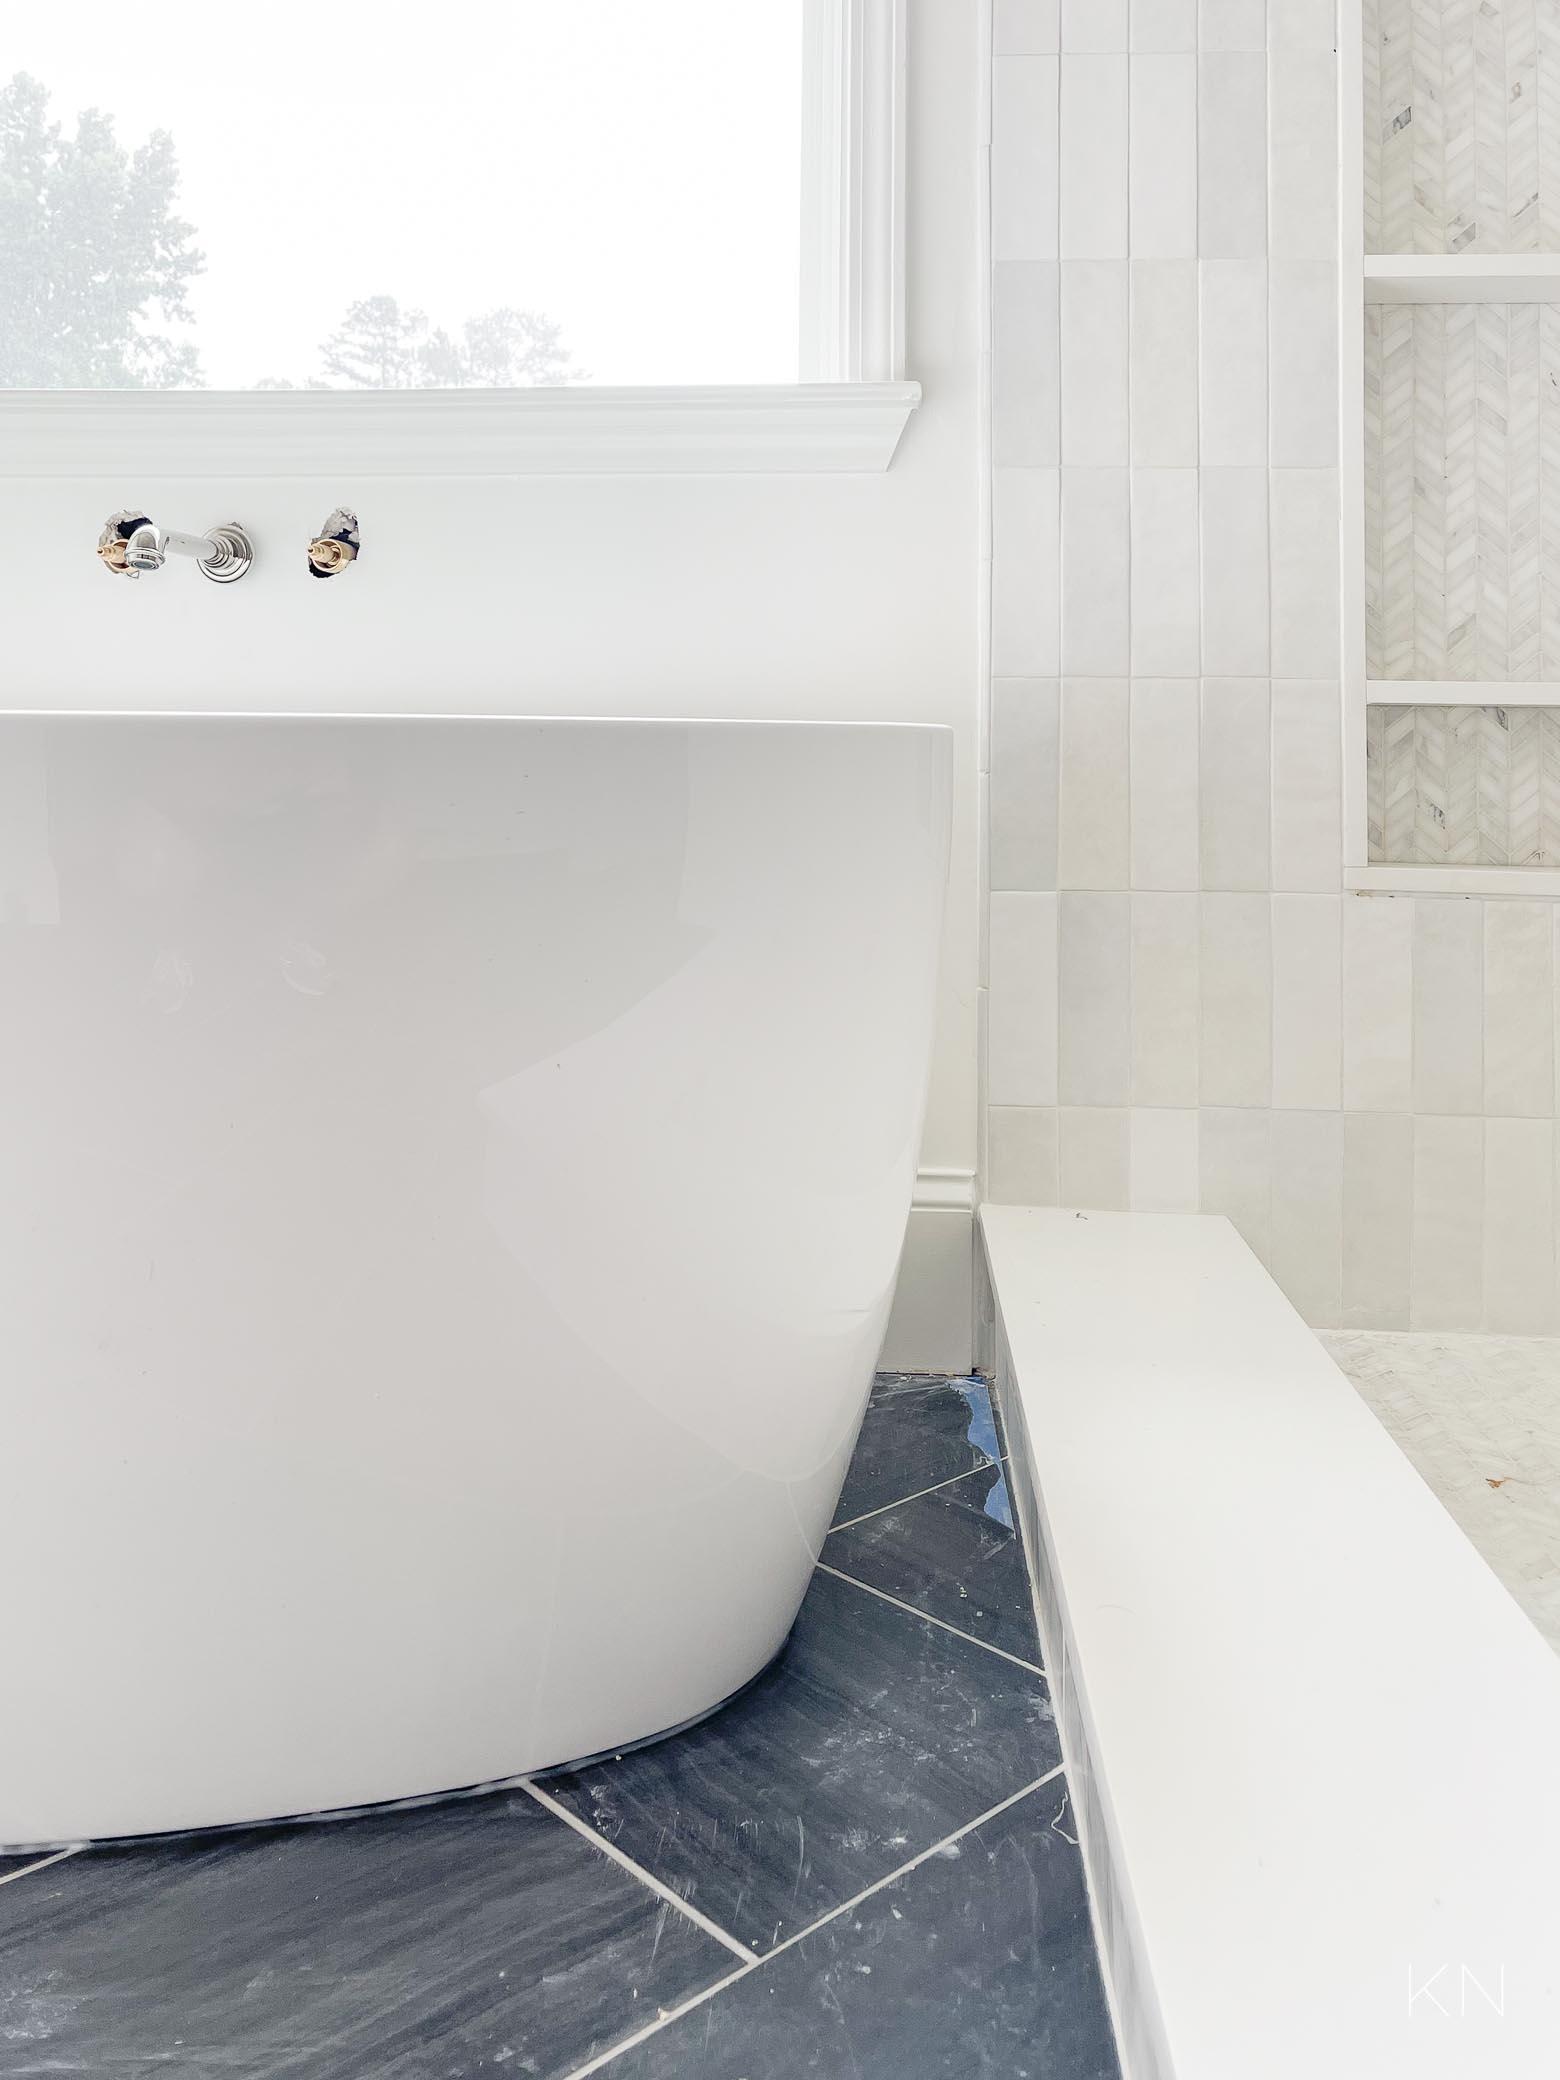 freestanding tub beside shower setup